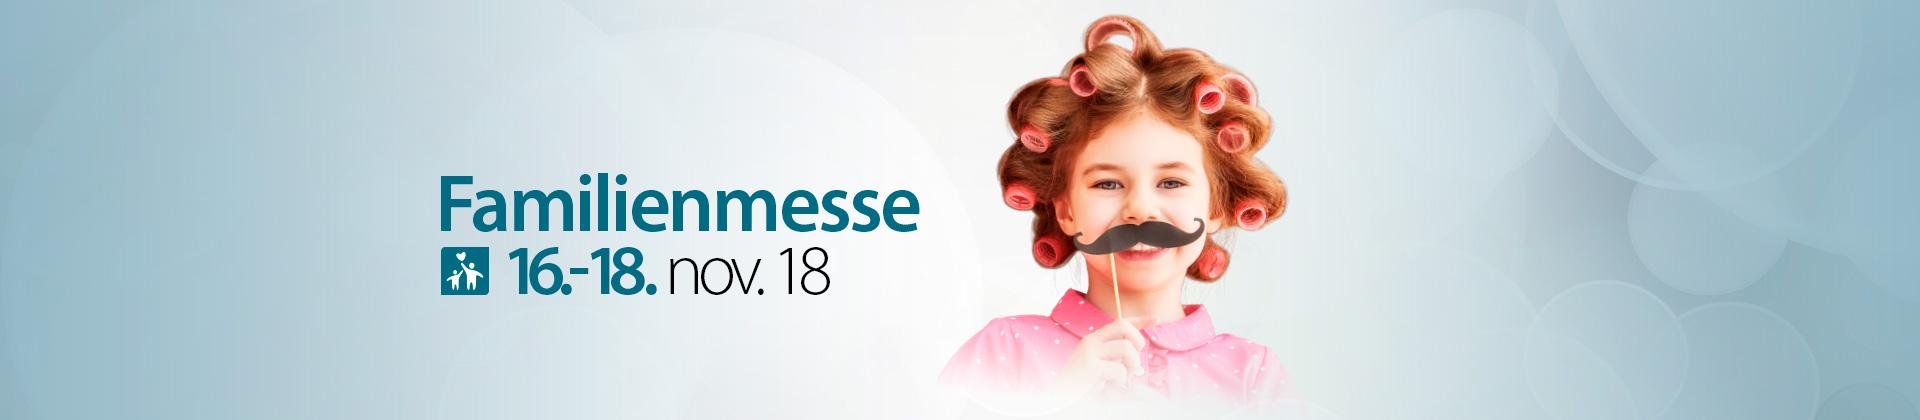 Fiera Campionaria della Famiglia - Klagenfurt